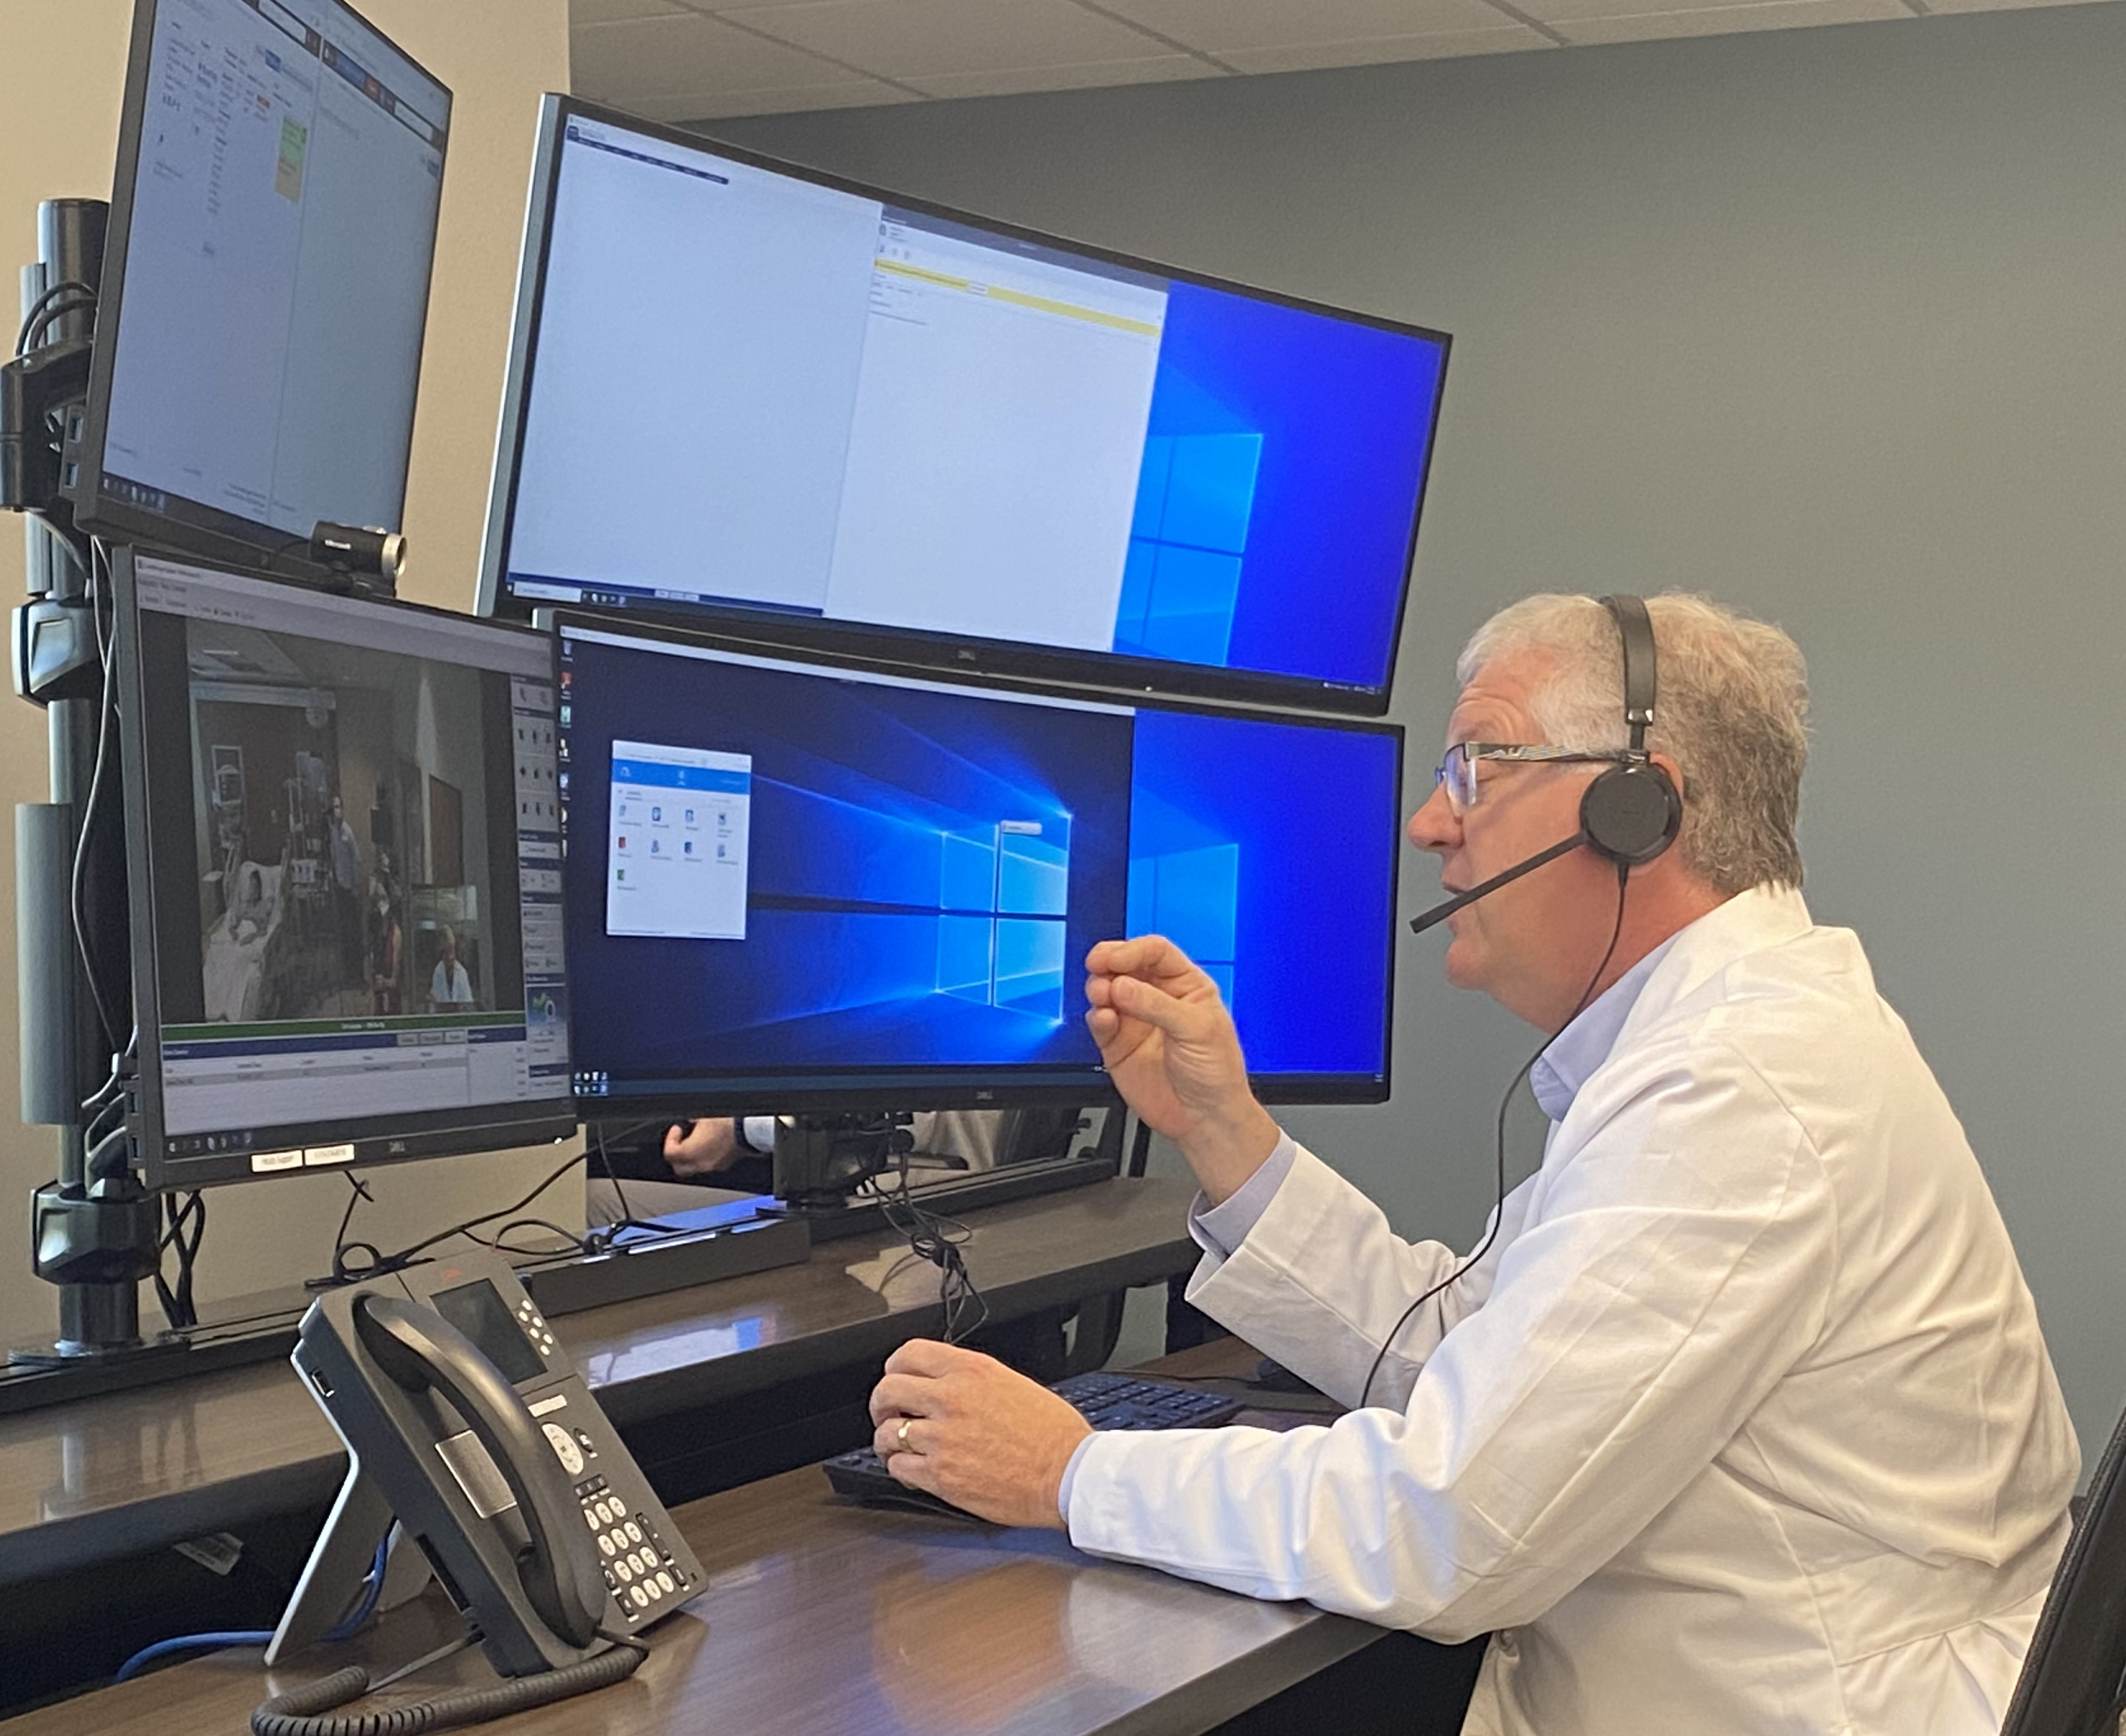 Dr. Jesse Doers, Knoxville Center